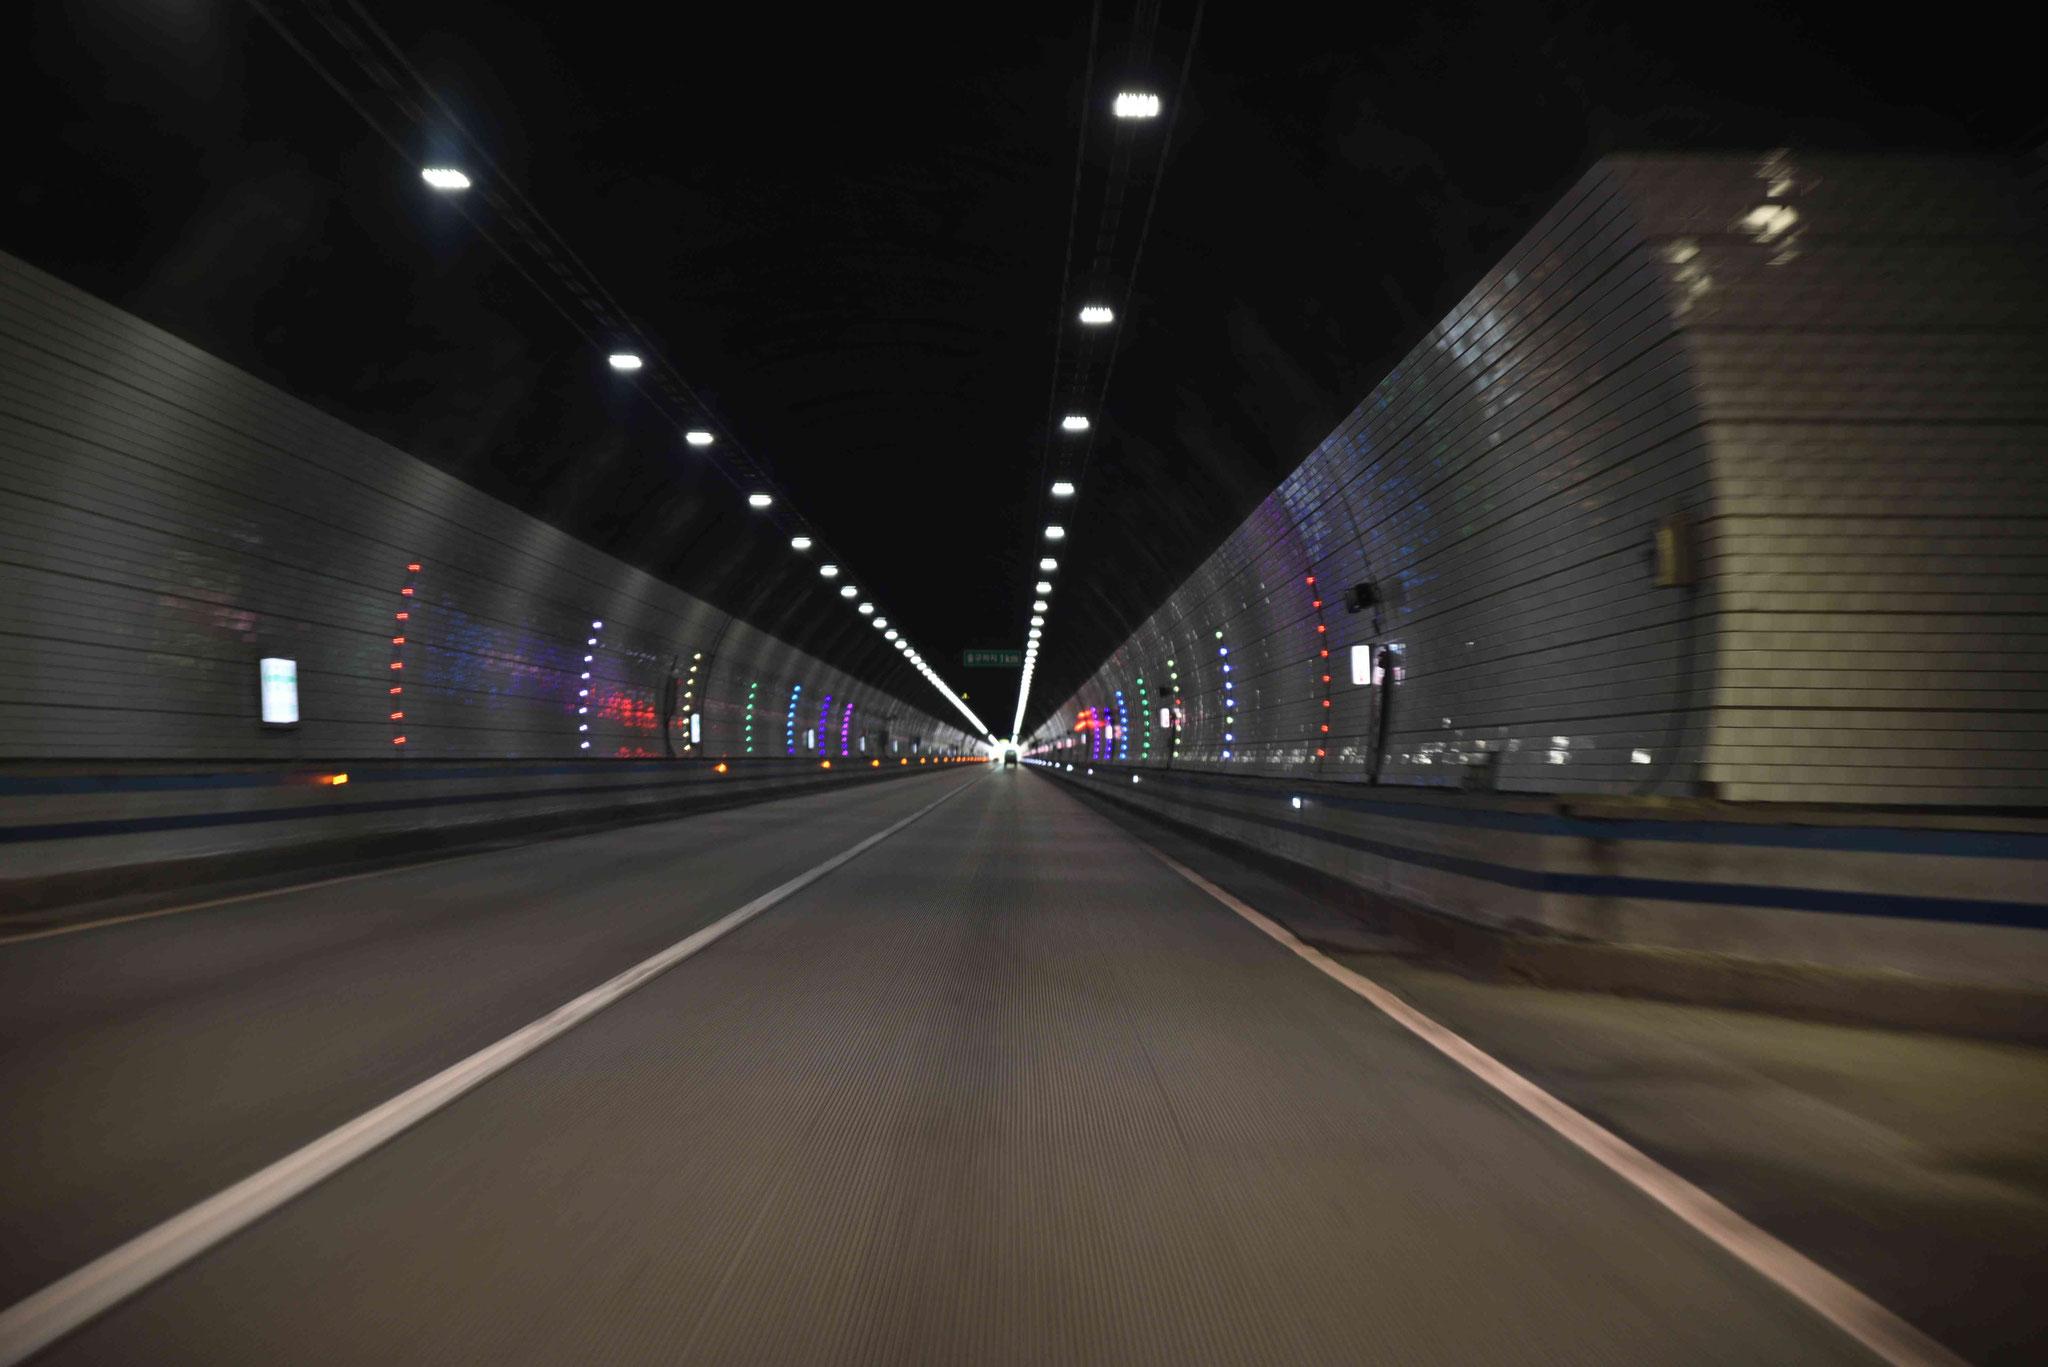 Leuchtringe im Tunnel - dazu Sirenengeheul aus dem Lautsprecher